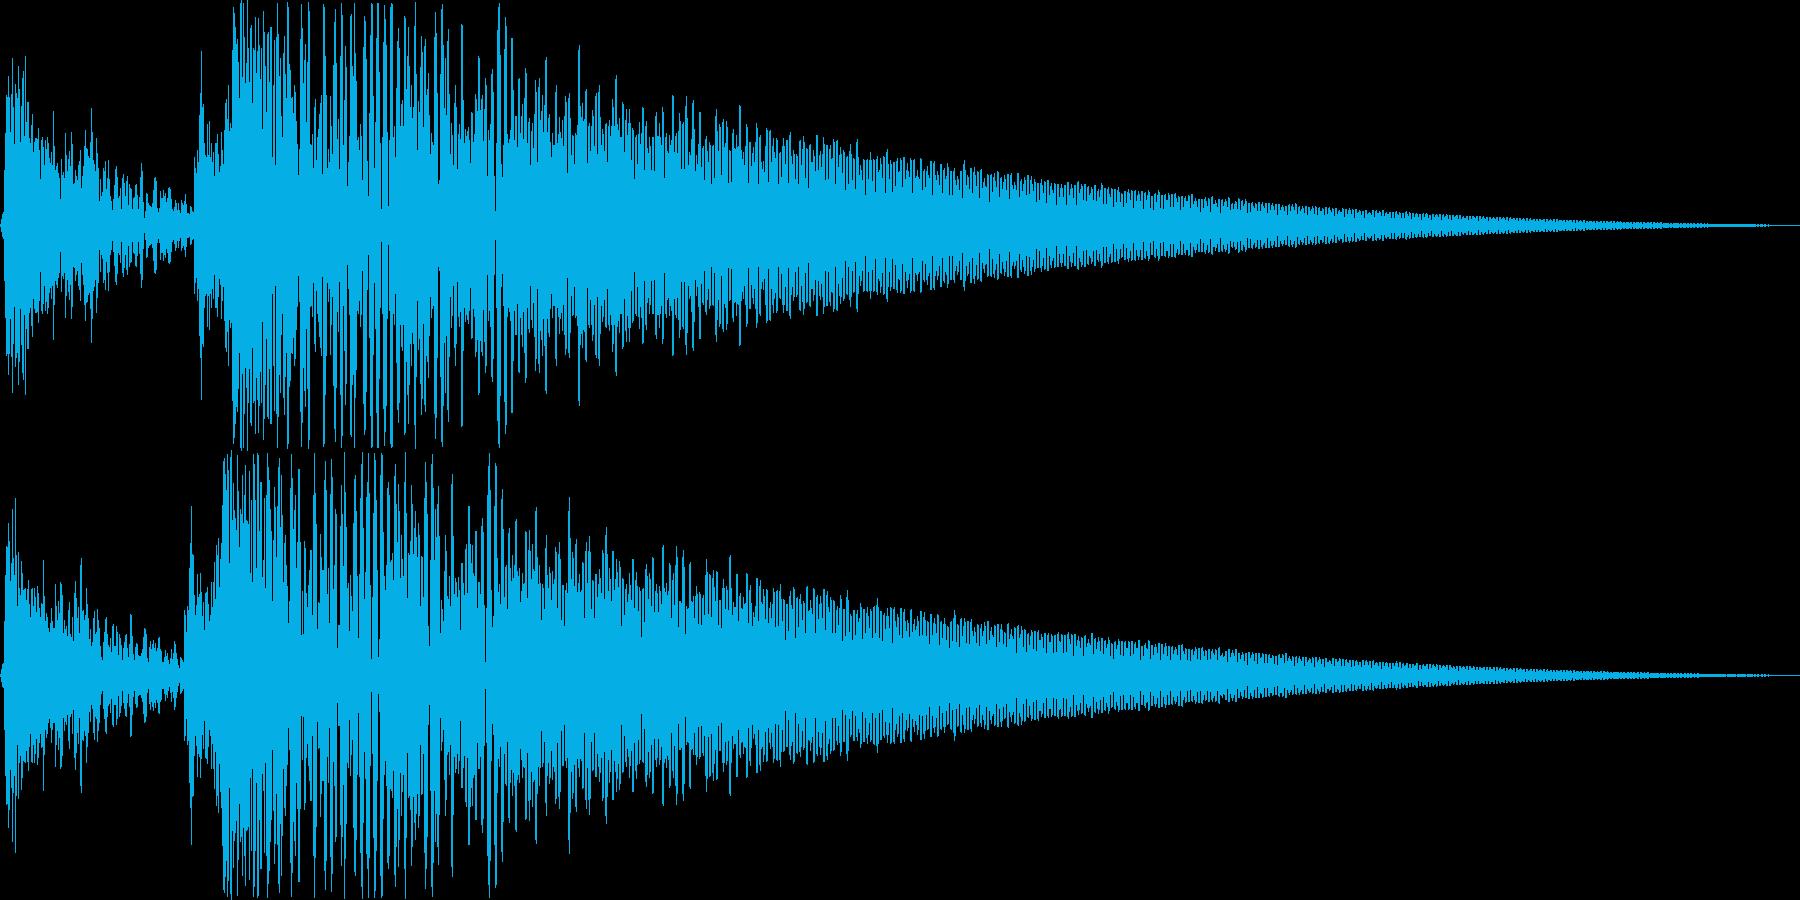 スポットライト点灯音_01_ステレオの再生済みの波形